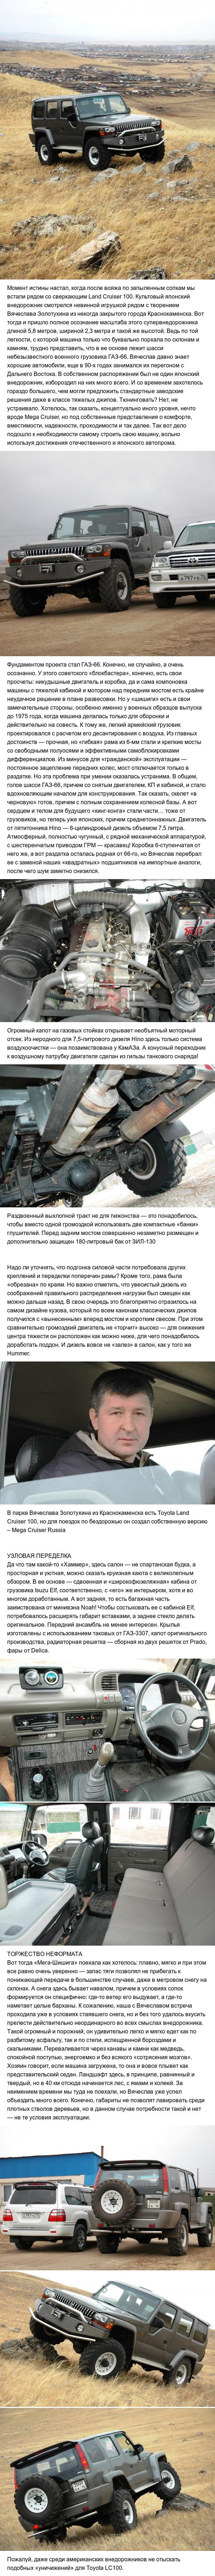 Шишига Легенда Степей Газ-66, Самоделки, Самодельный автомобиль, Длиннопост